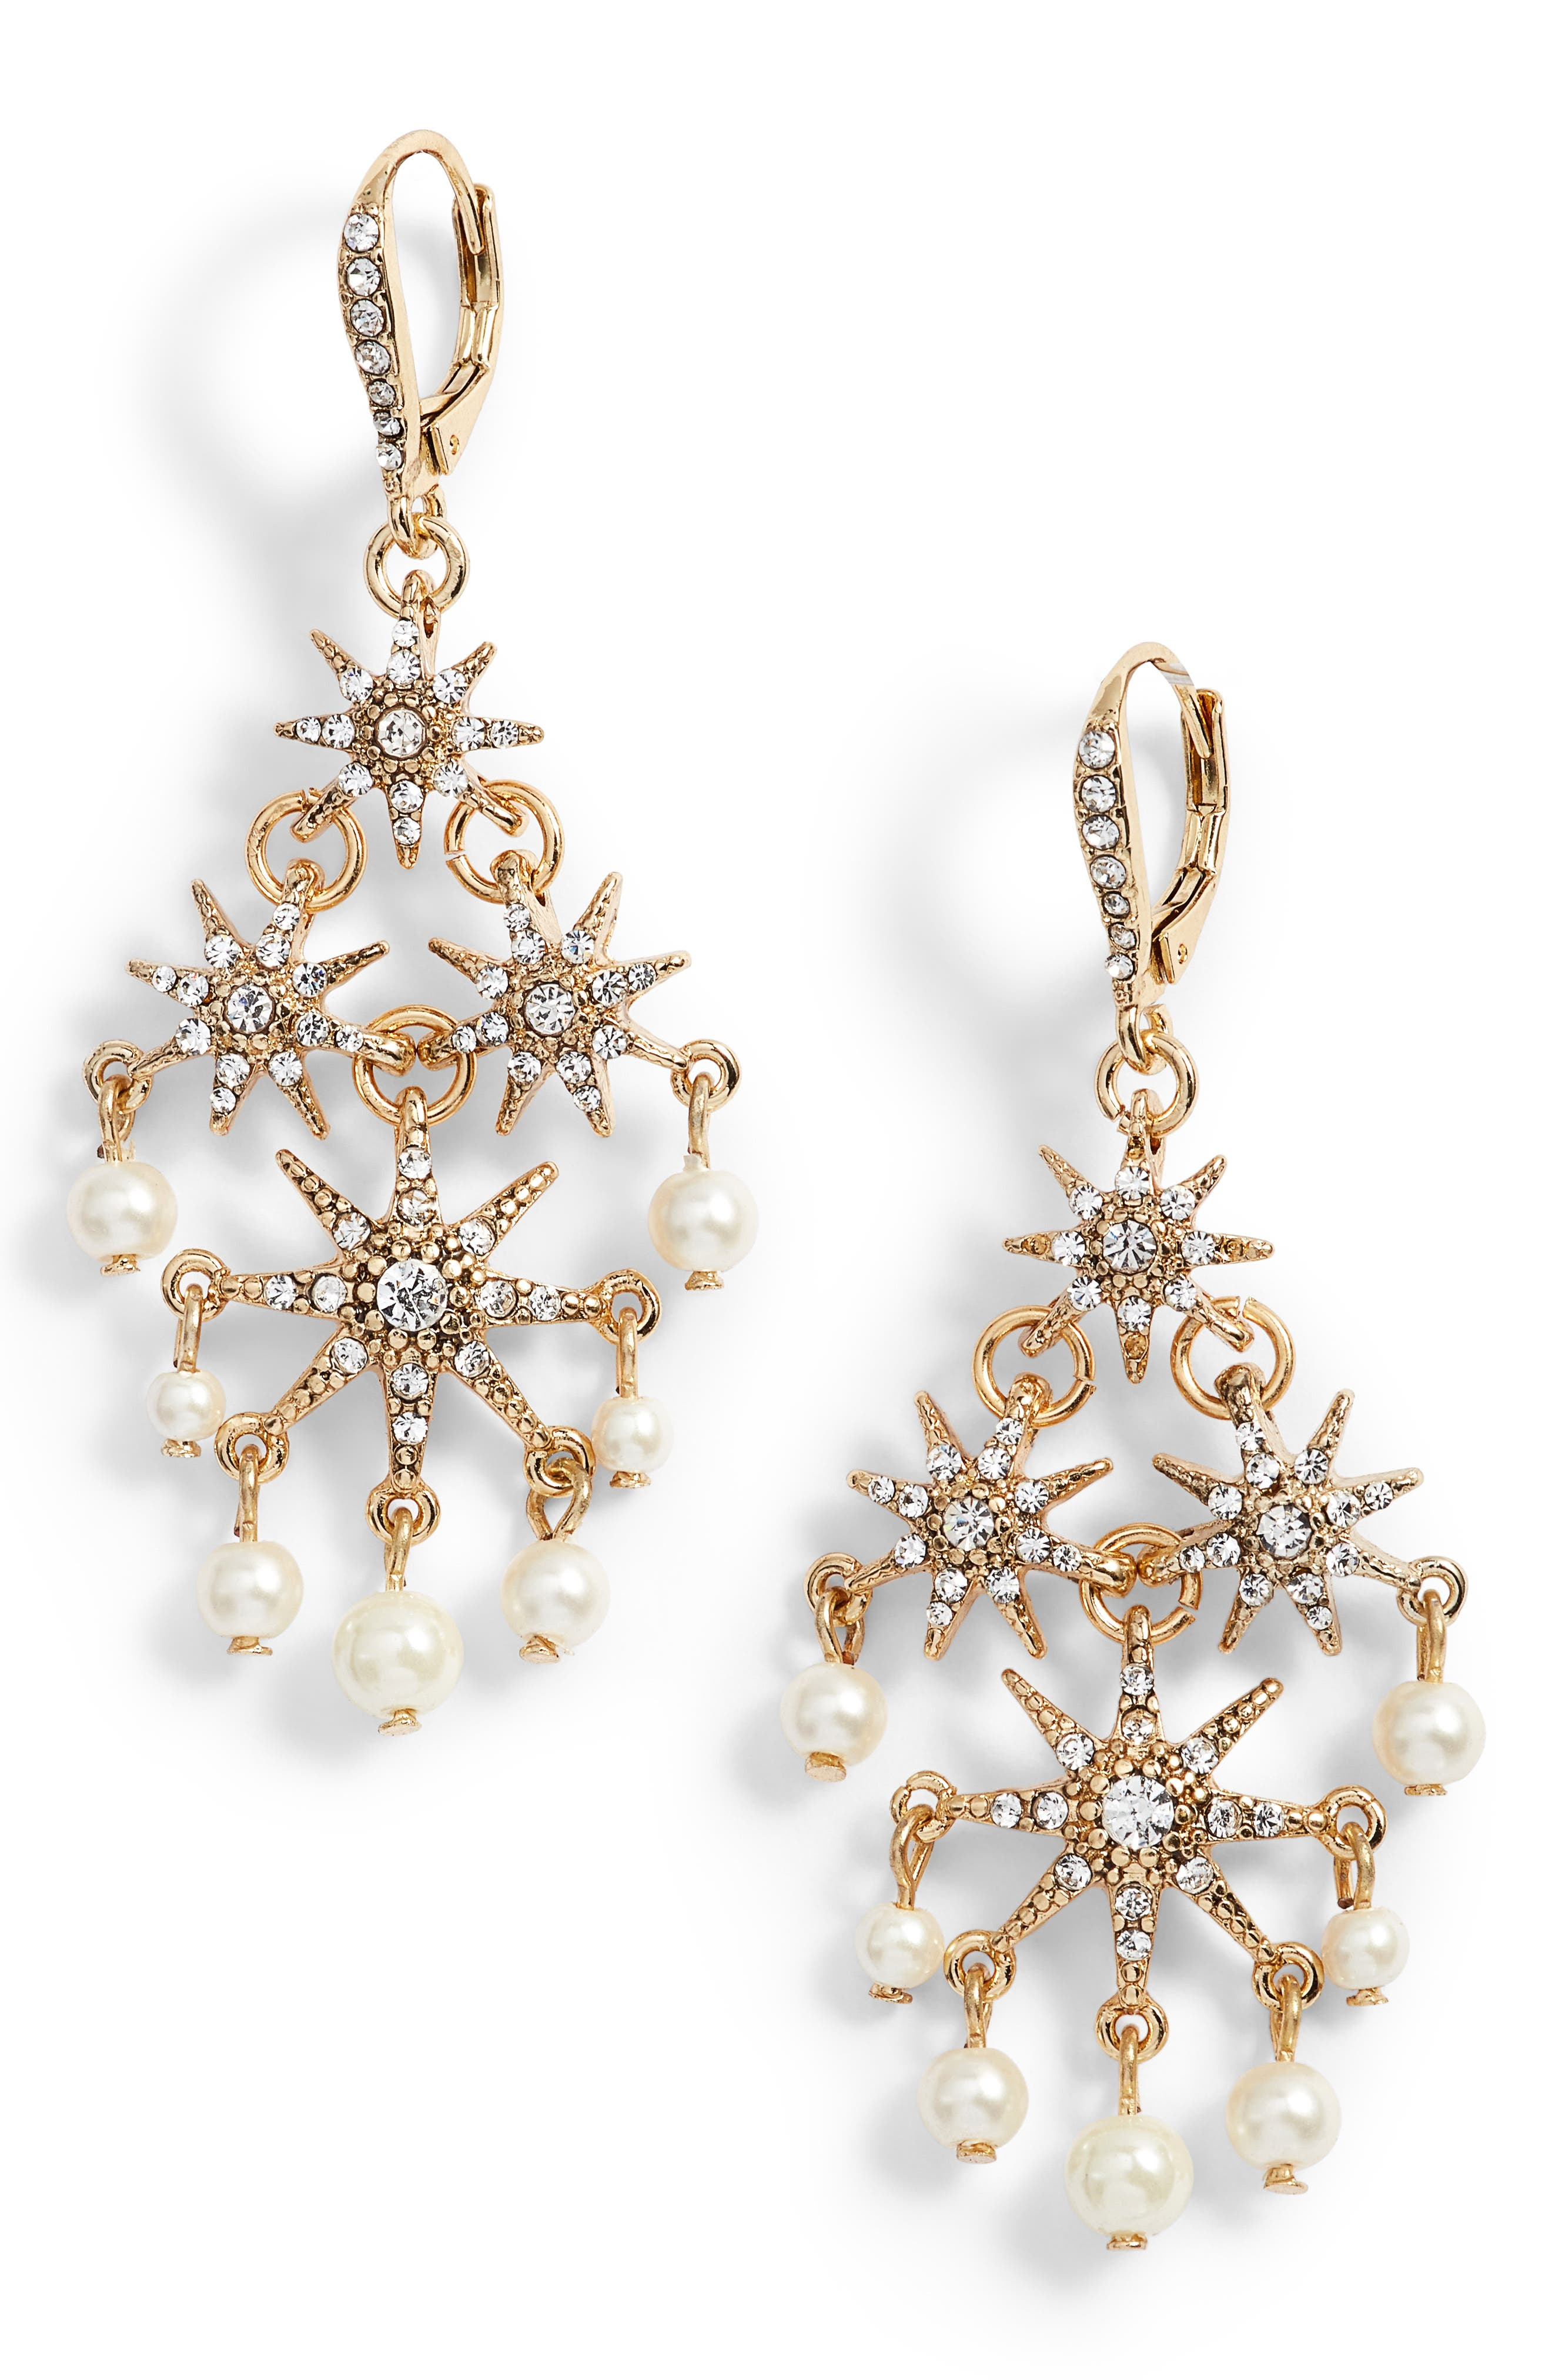 Main Image - Jenny Packham Star Chandelier Drop Earrings